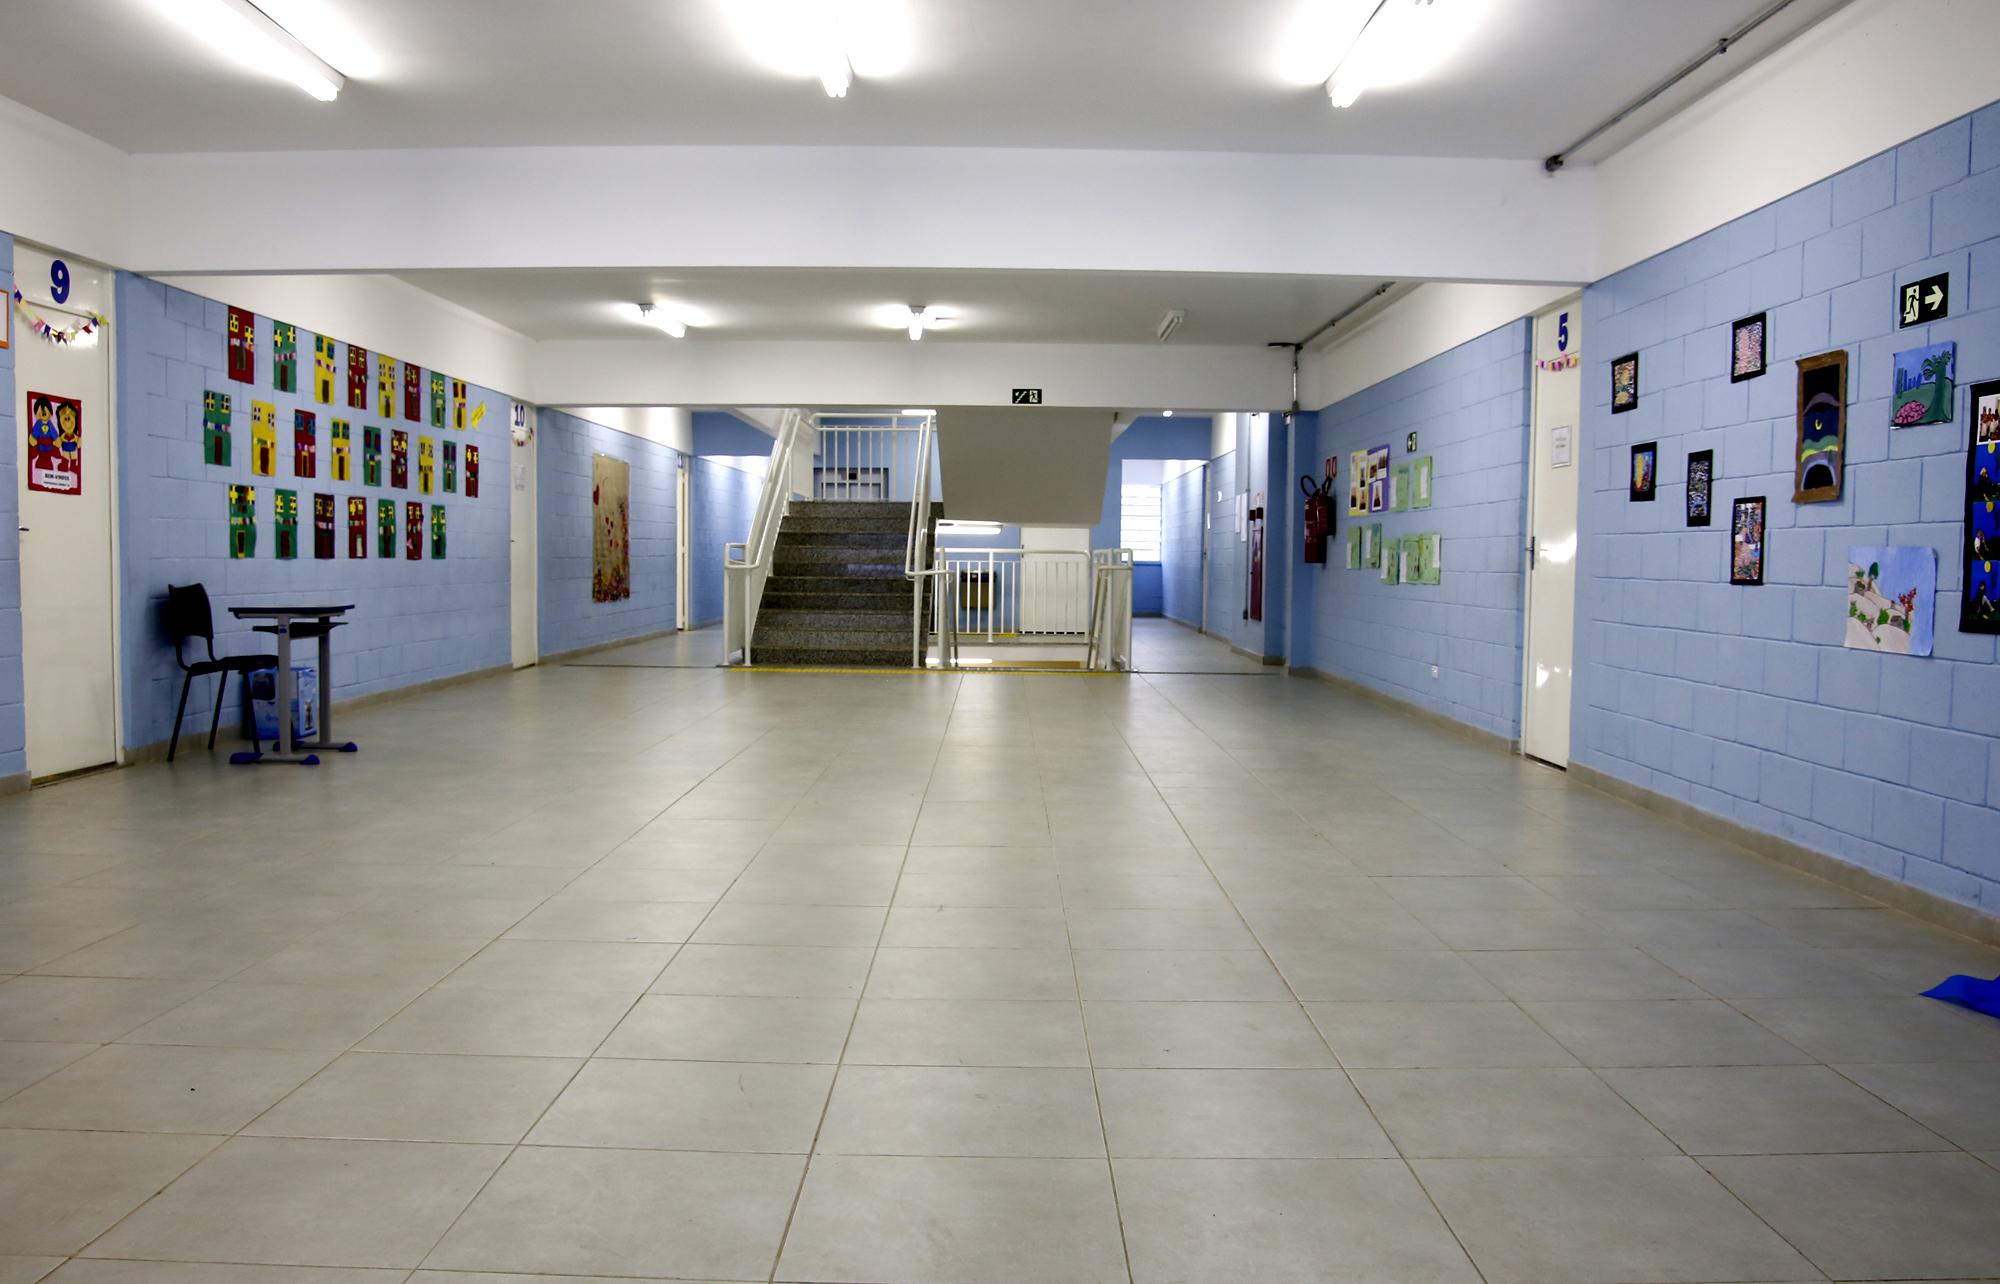 Aulas serão suspensas, mas alunos que não tiverem onde ficar poderão permanecer nas escolas durante a semana de adaptação. (Divulgação: Prefeitura de São Paulo)